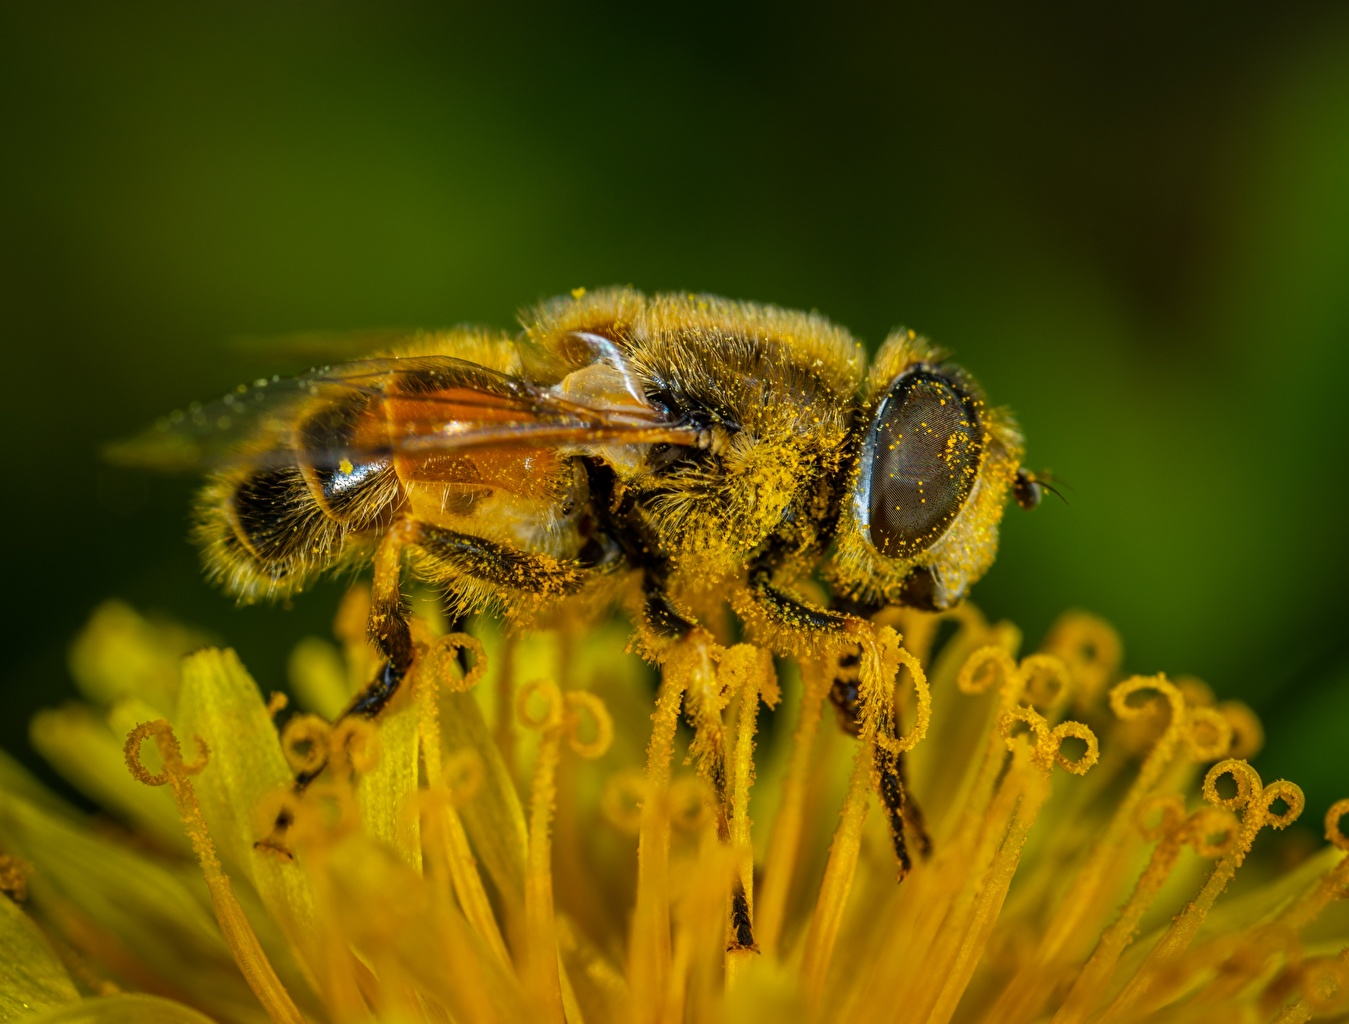 Foto Bienen Insekten Blütenstaub Makrofotografie Tiere hautnah Pollen Makro ein Tier Nahaufnahme Großansicht